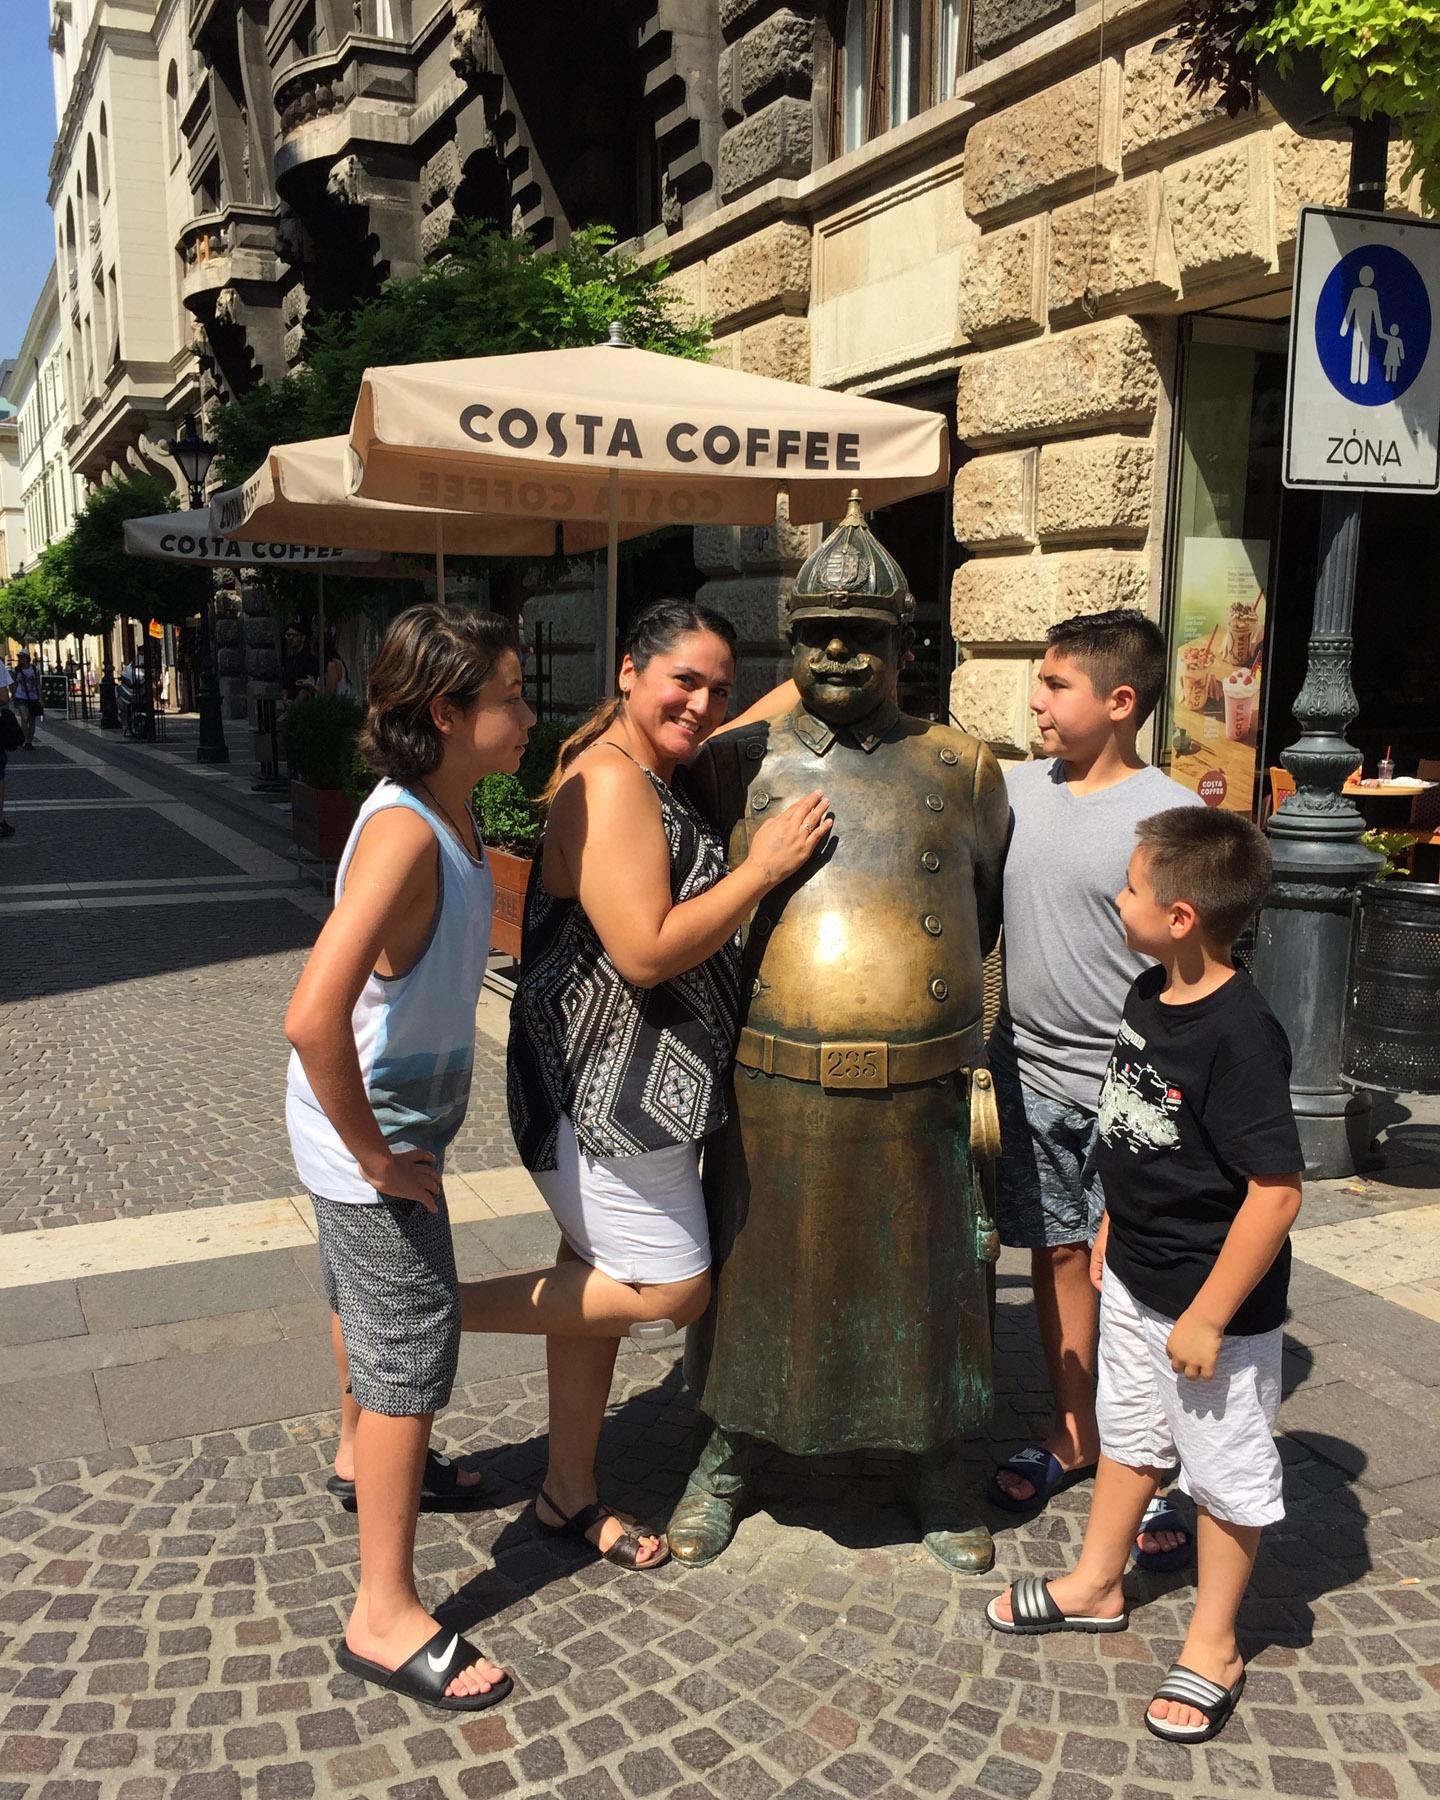 Costa Coffee Zrinyi   Budapest, Zrínyi u. 14, 1051,   2015